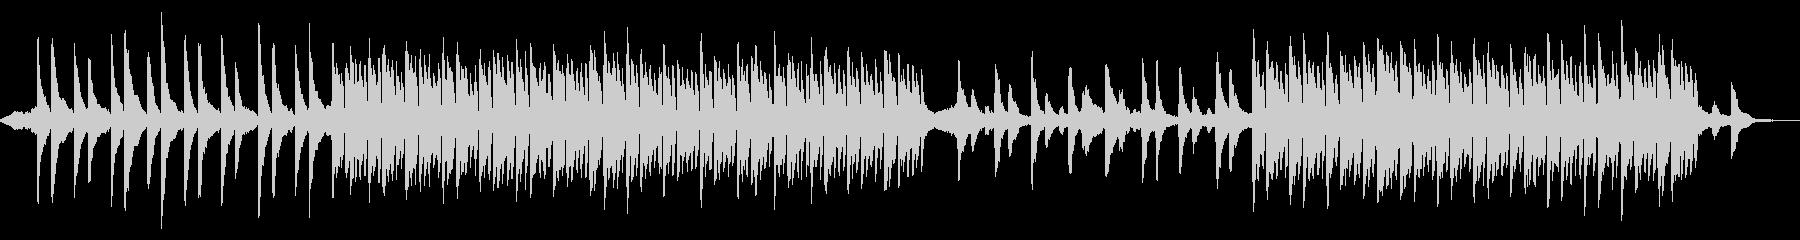 クールで静かなシネマティックピアノの未再生の波形